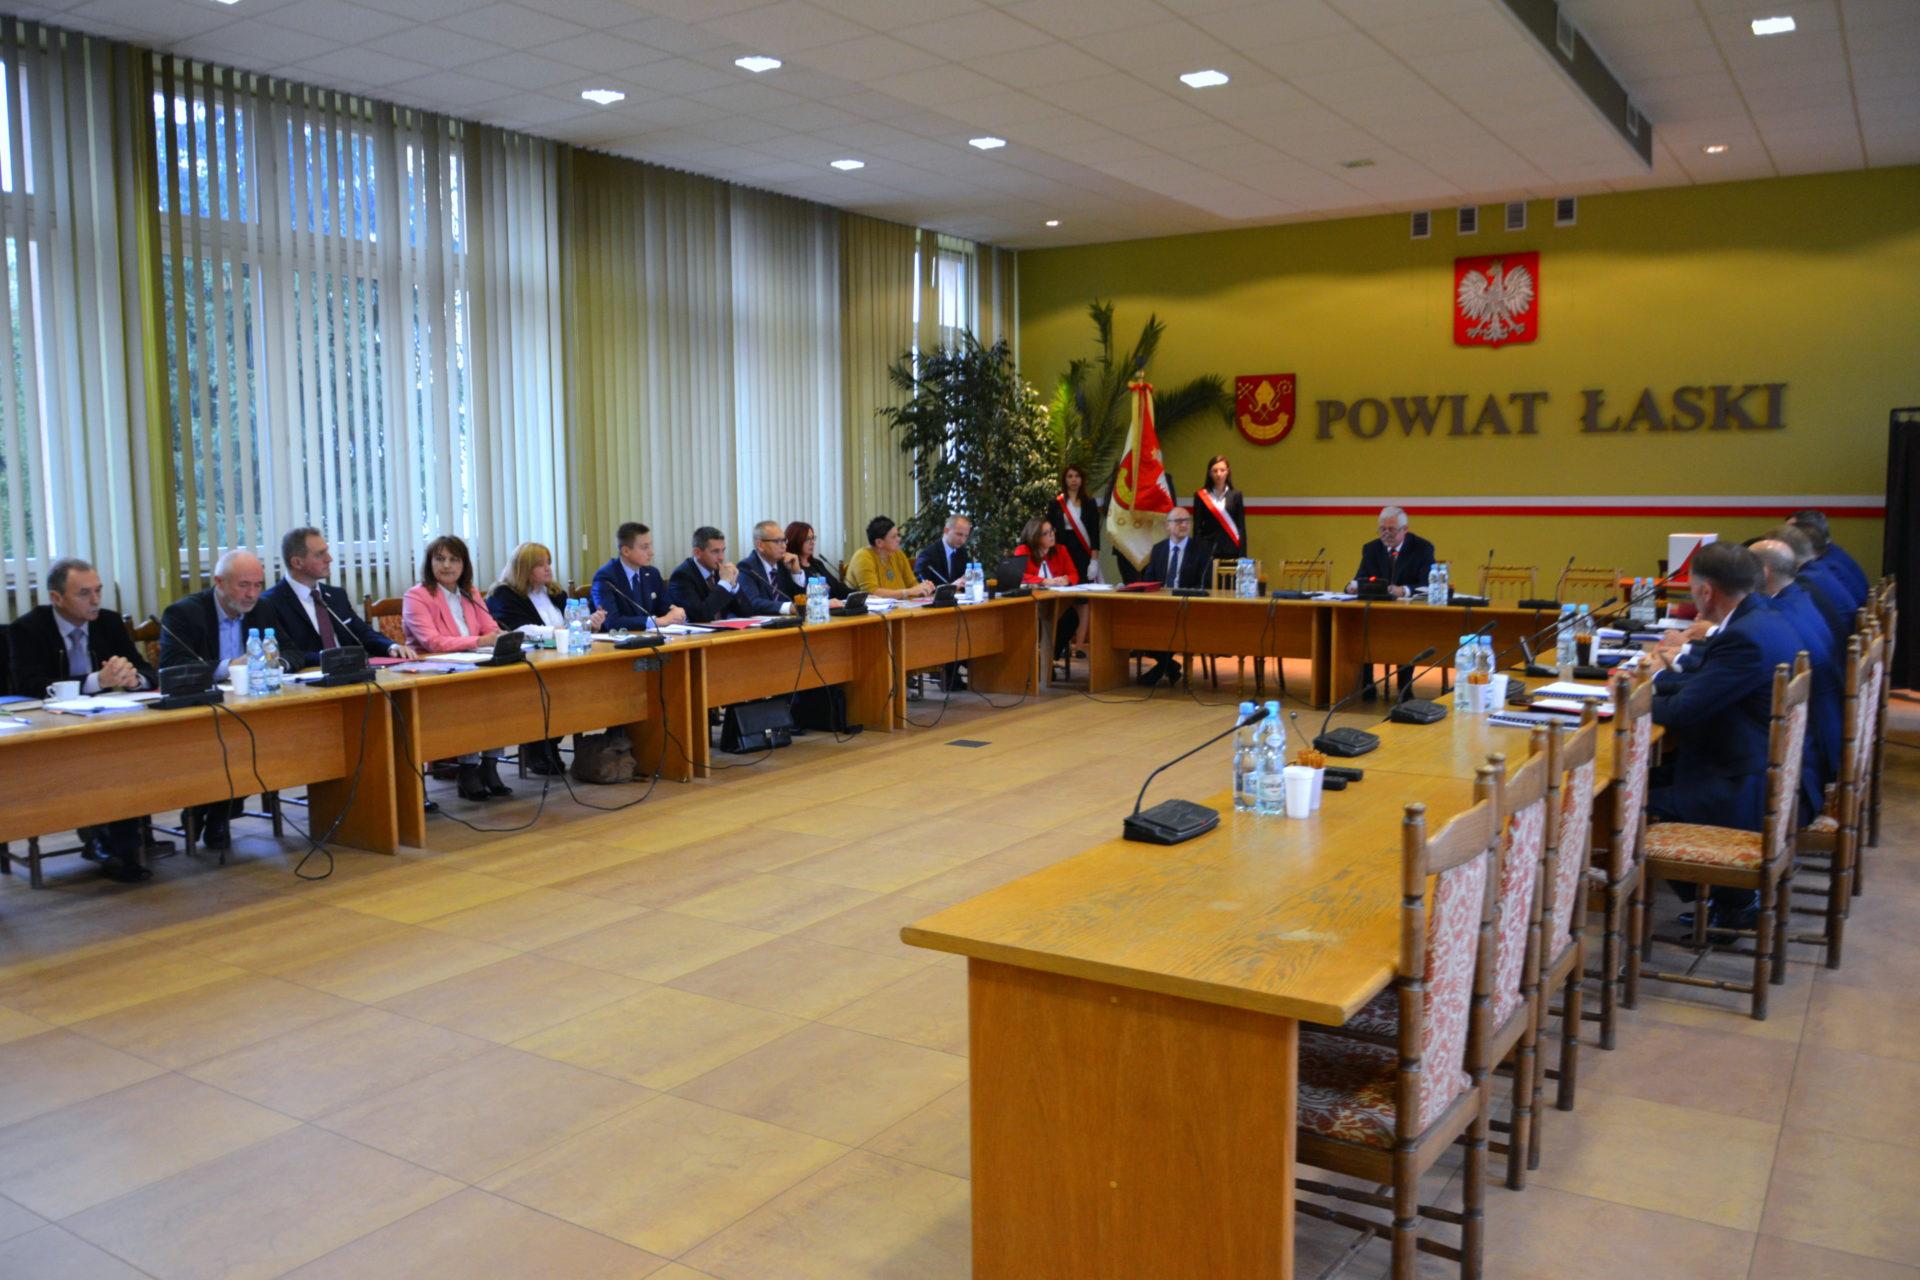 X sesja Rady Powiatu Łaskiego